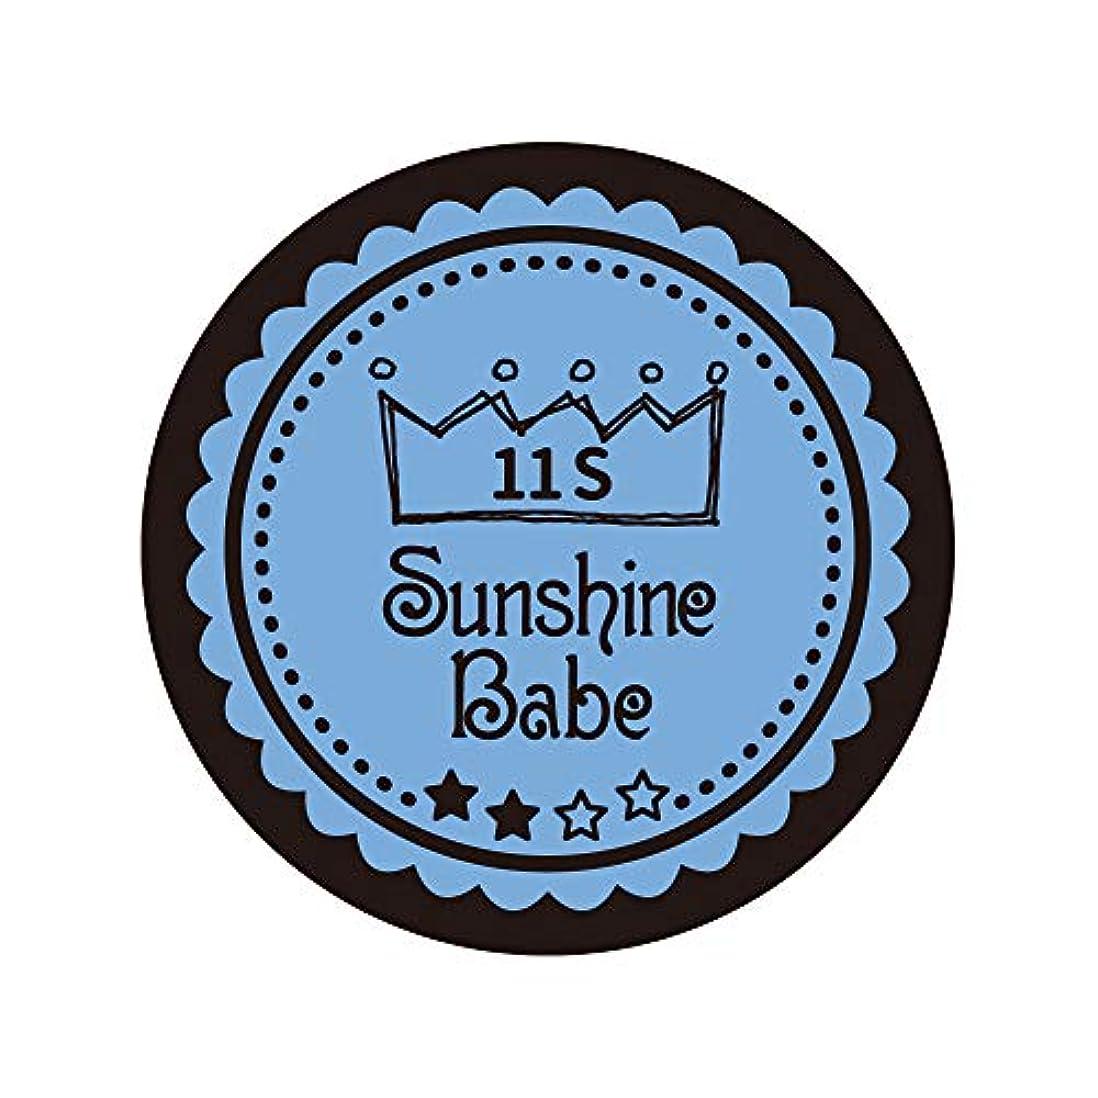 苦注入するストローSunshine Babe コスメティックカラー 11S リトルボーイブルー 4g UV/LED対応